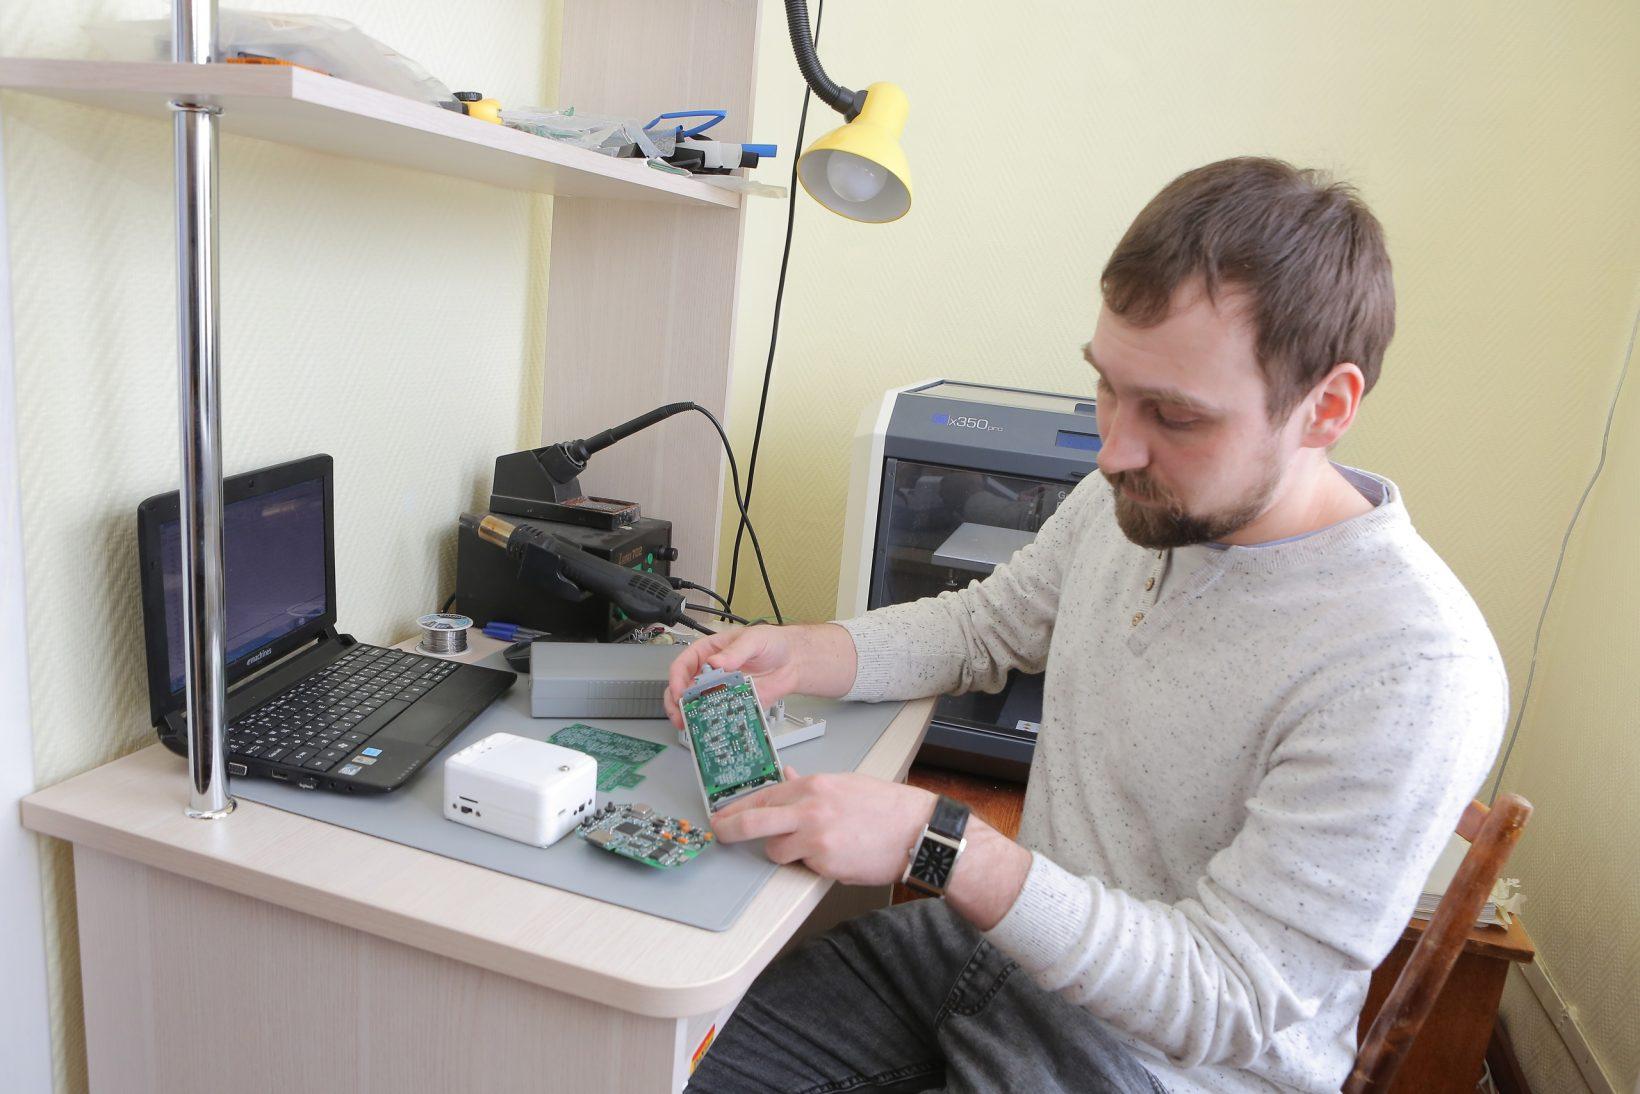 В Томском политехническом университете (ТПУ) разработали аппаратно-программный комплекс наоснове наносенсоров для измерения микропотенциалов сердца